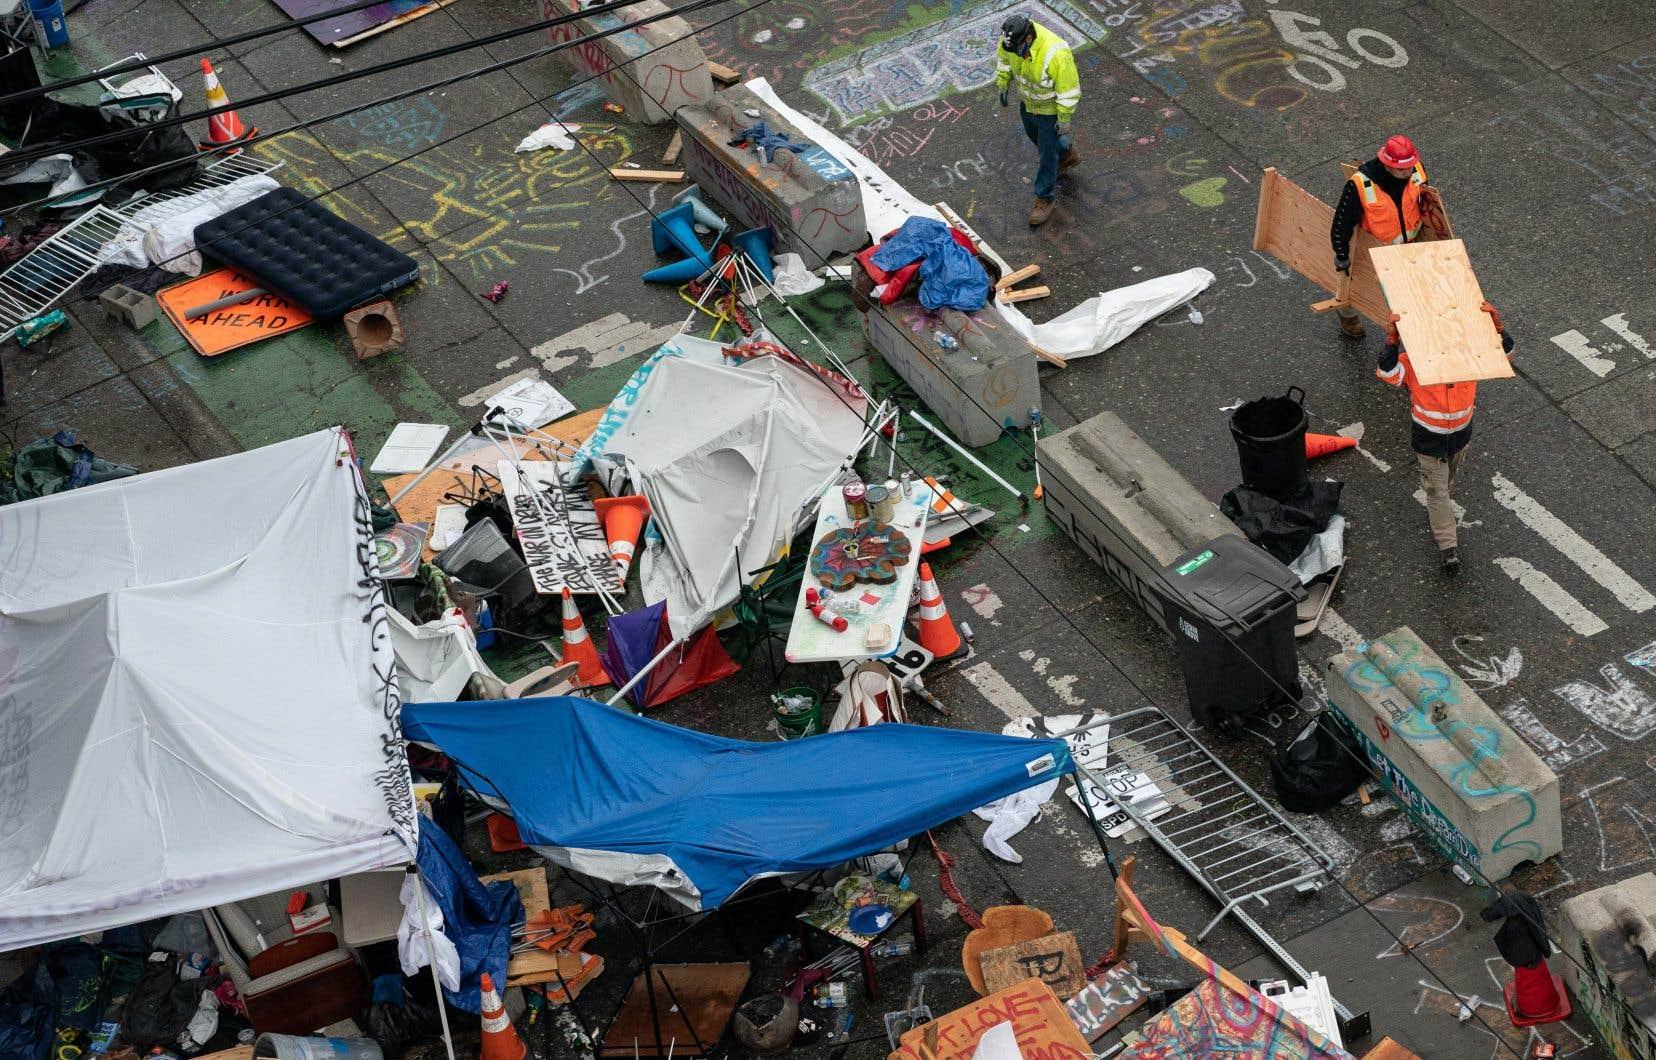 Les policiers en tenue antiémeute ont démantelé les tentes et les barricades dressées dans ce quartier autoproclamé «CHAZ», acronyme de «Capitol Hill Autonomous Zone».